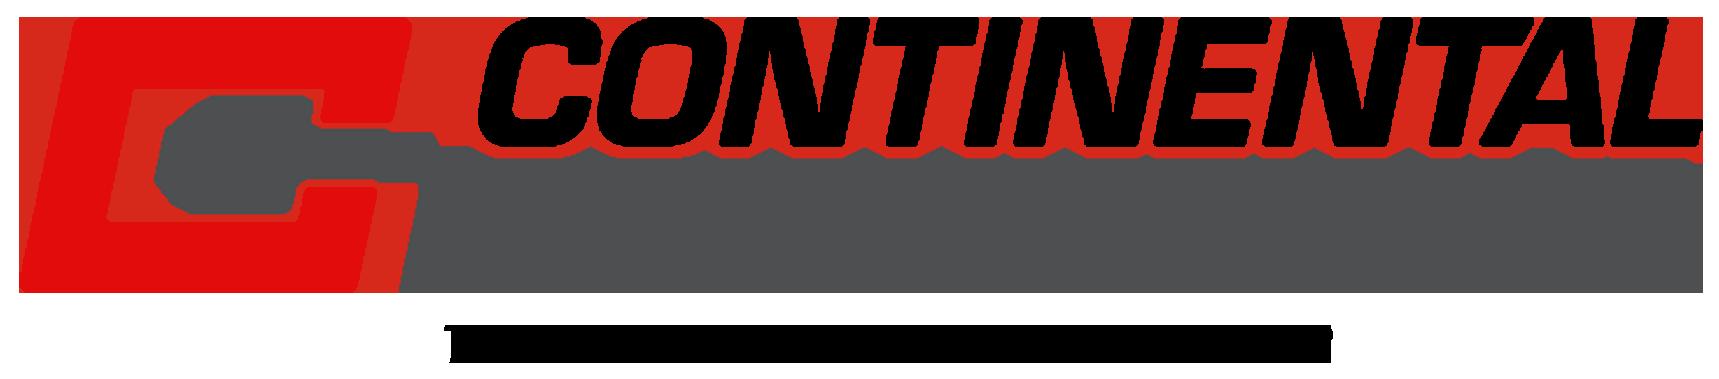 ROB044-02500-11